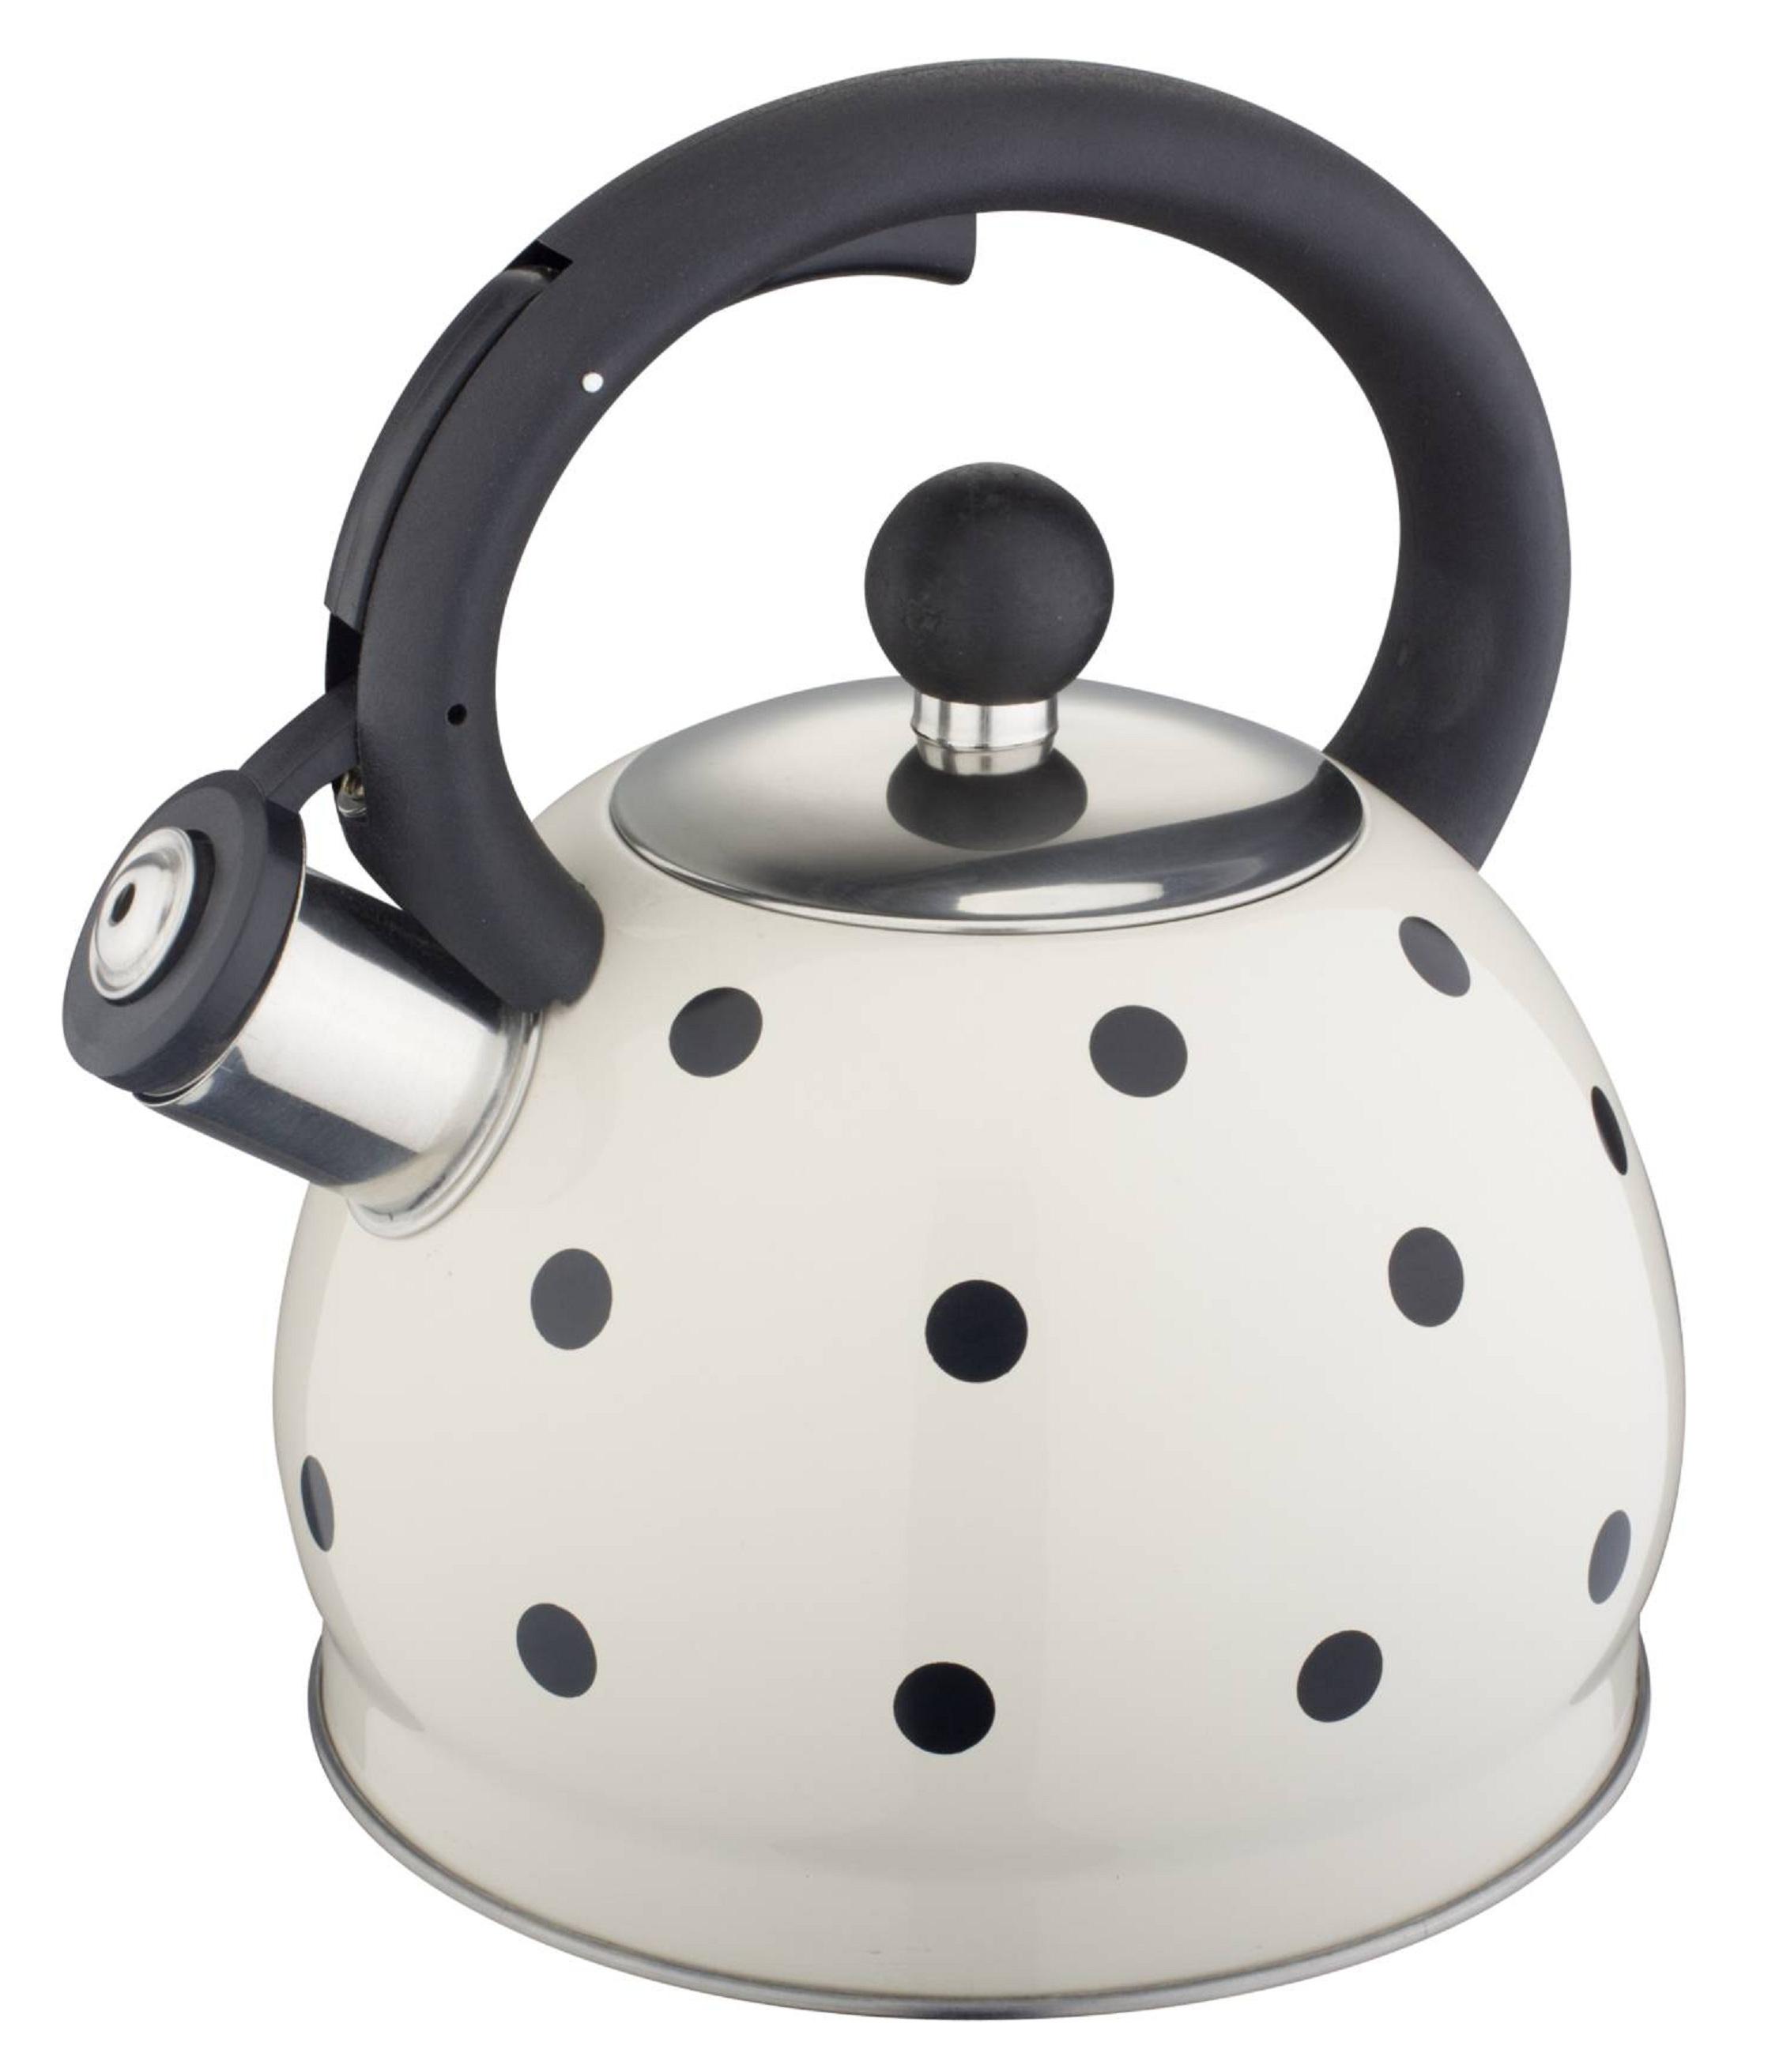 Чайник со свистком 2 л Белый в черный горох HM 5528/1